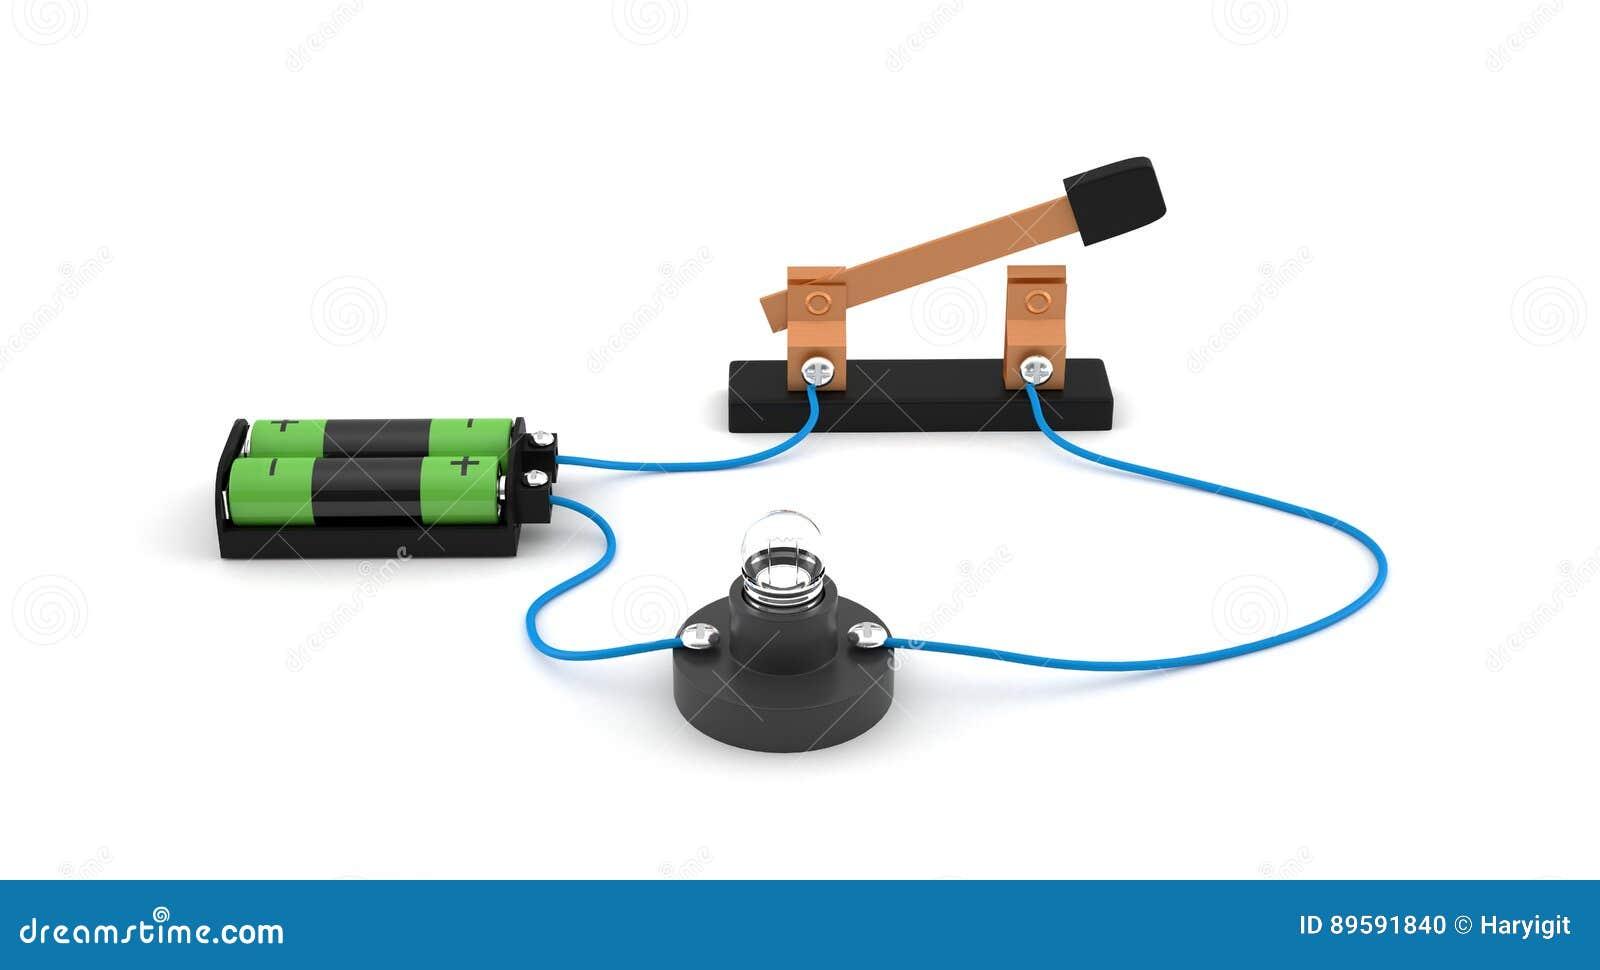 Circuito Aberto : Interruptor aberto da exibição do circuito bonde usando um fundo do